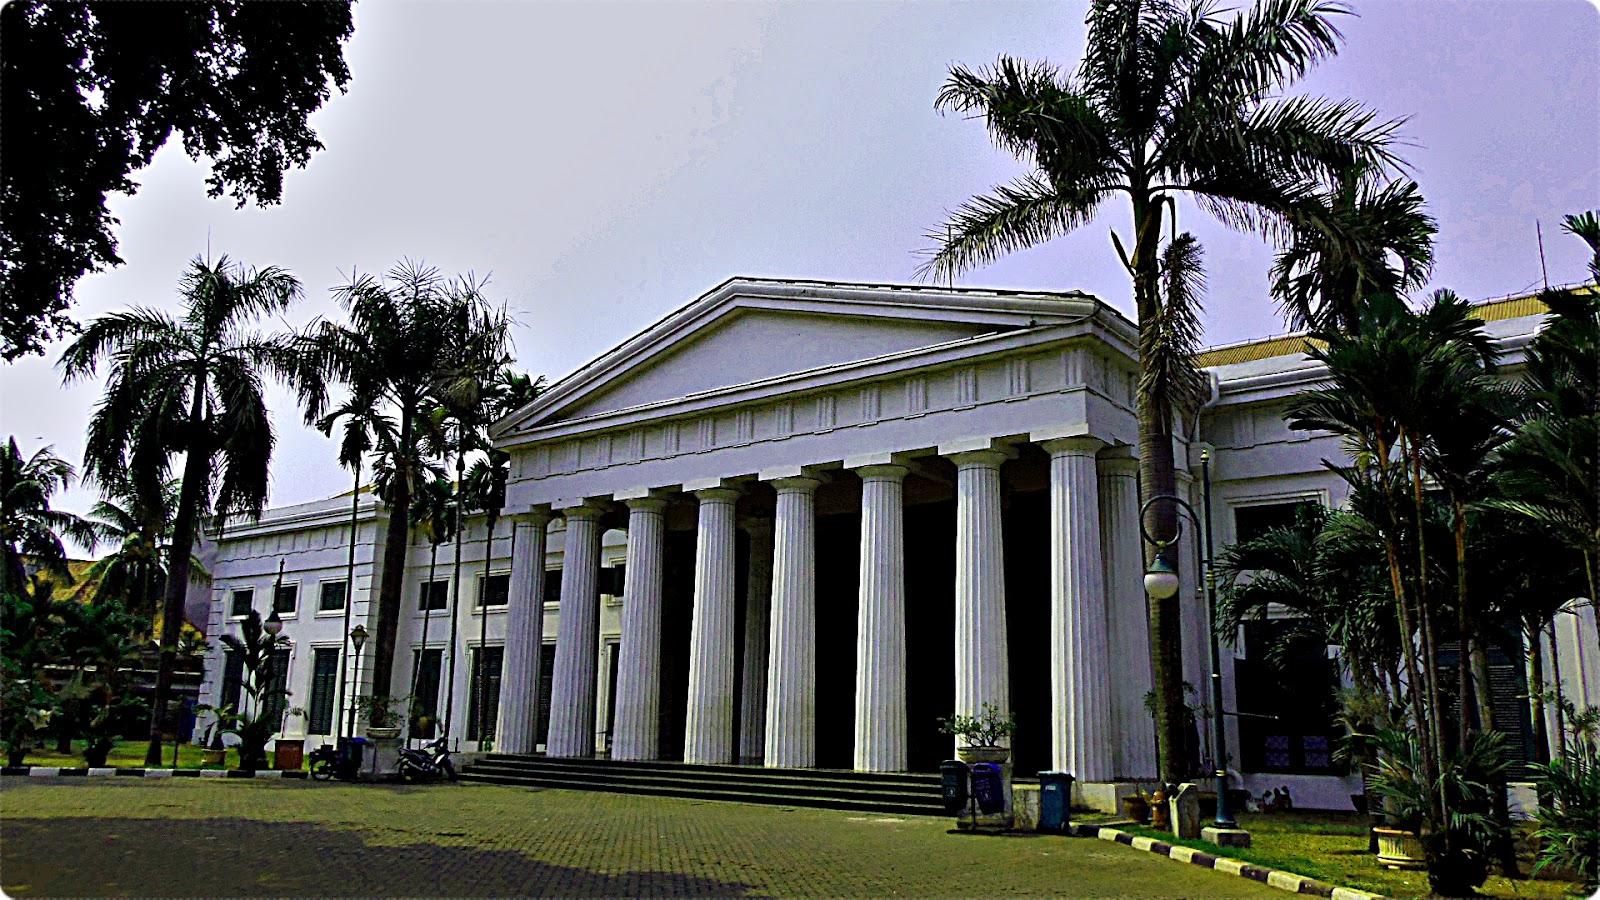 47 Tempat Wisata Di Jakarta Barat Paling Hits Wajib